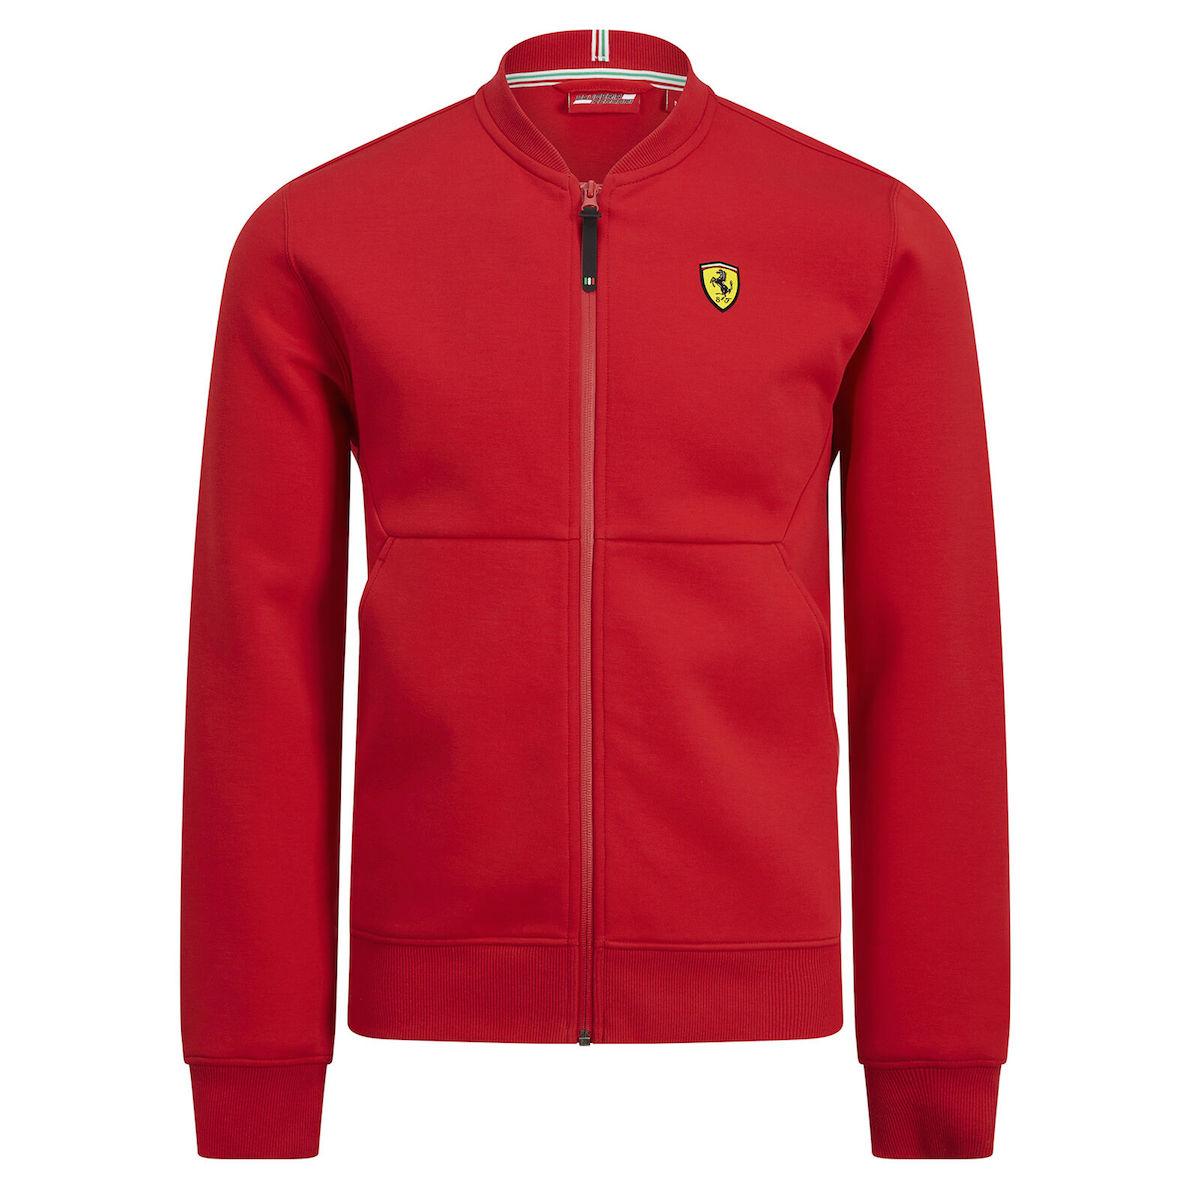 ★送料無料★Scuderia Ferrari Zip up Sweatshirt Jacket フェラーリ オフィシャル ジップアップ ジャケット